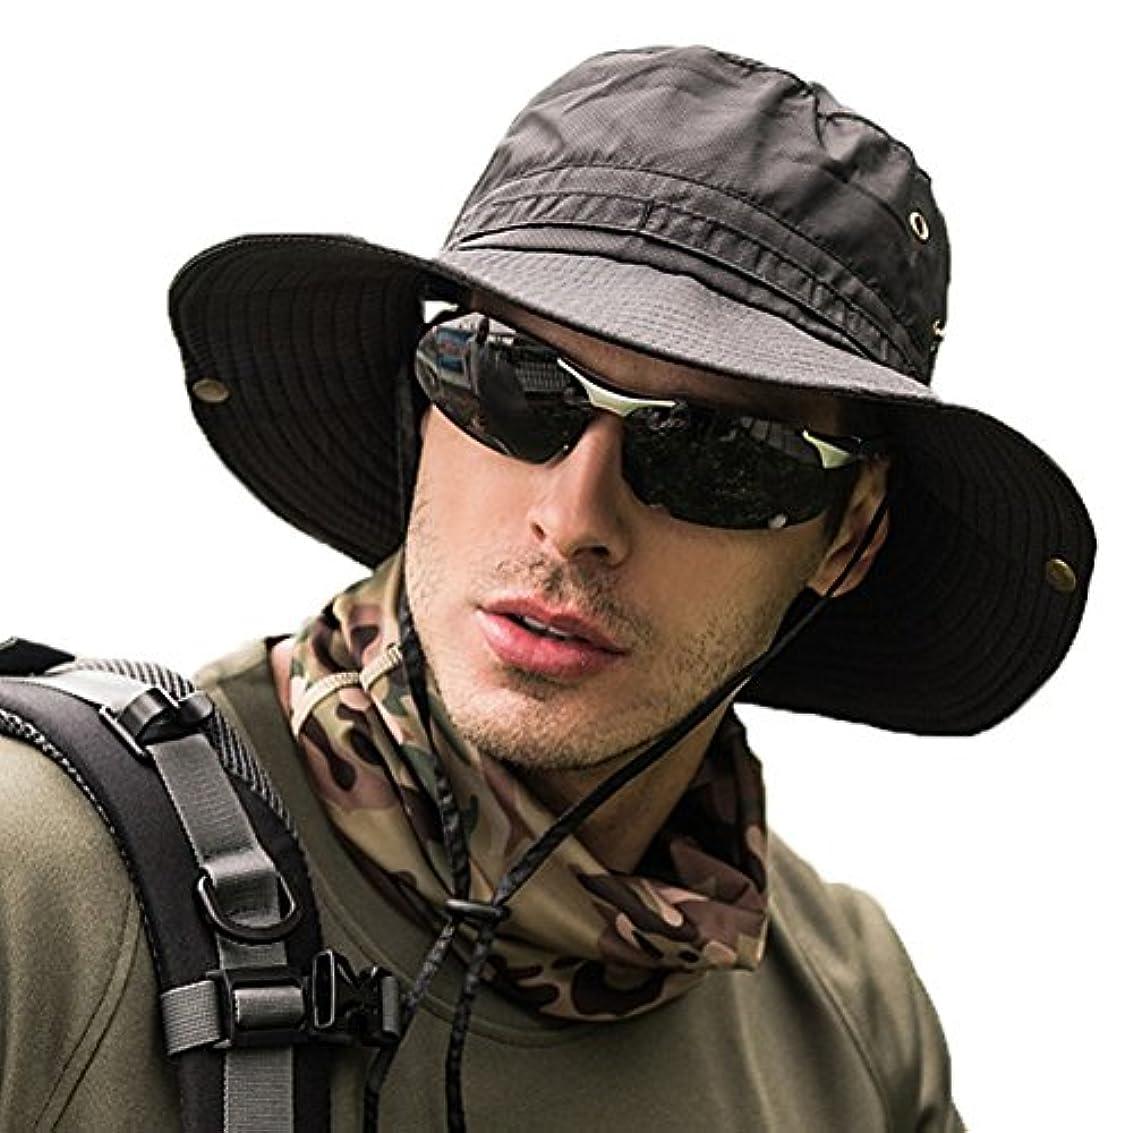 自分を引き上げる欠如理想的サファリハット メンズ 帽子 つば広 軽薄 通気性抜群 日除け 紫外線対策 uvカット 折りたたみ あご紐付き アウトドア 釣り ハイキング 登山 男女兼用